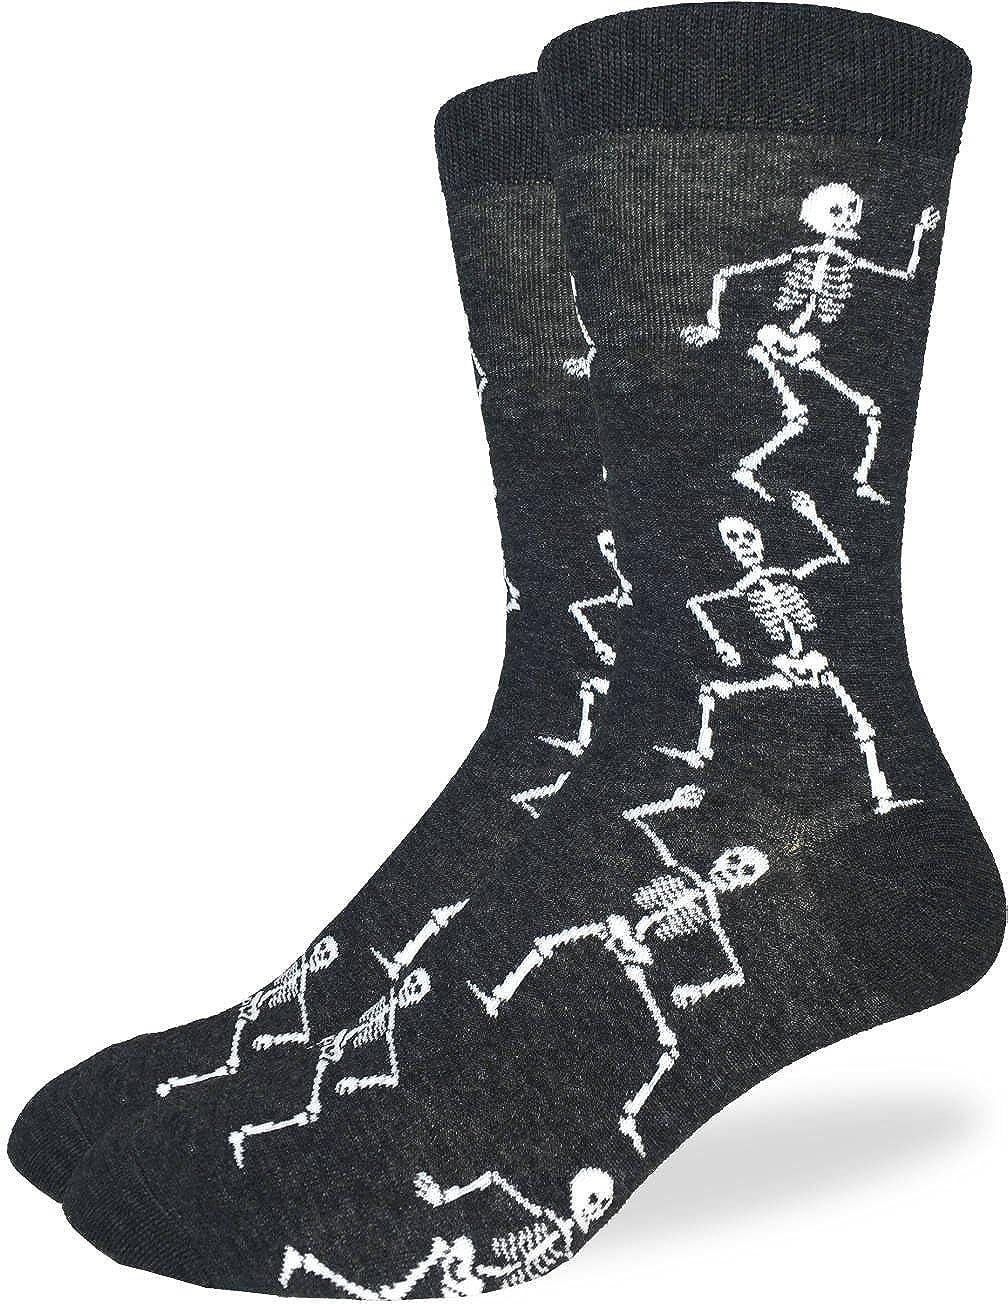 Good Luck Sock Men's Halloween Skeleton Socks - Black, Adult Shoe size 7-12 1266